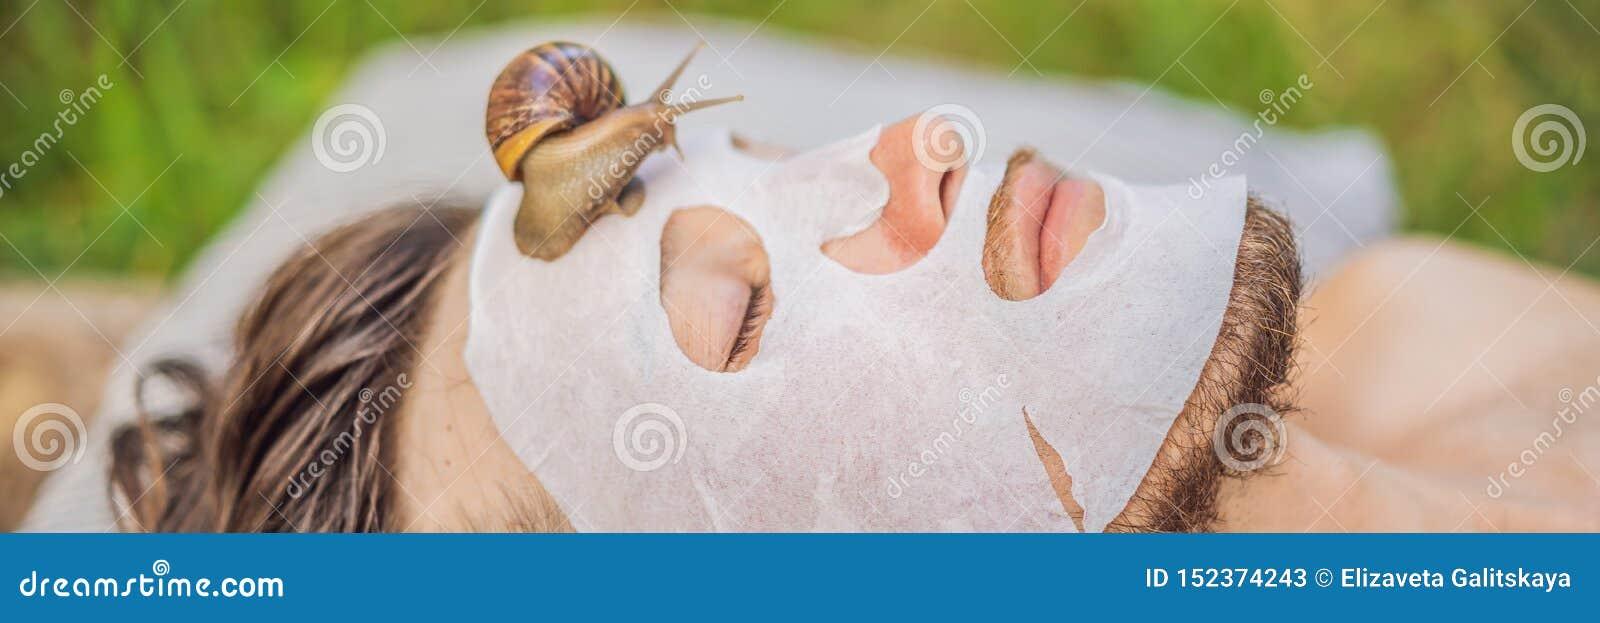 年轻人做与蜗牛黏液的一面膜 爬行在面膜的蜗牛 人的温泉,所有横幅的温泉,长期